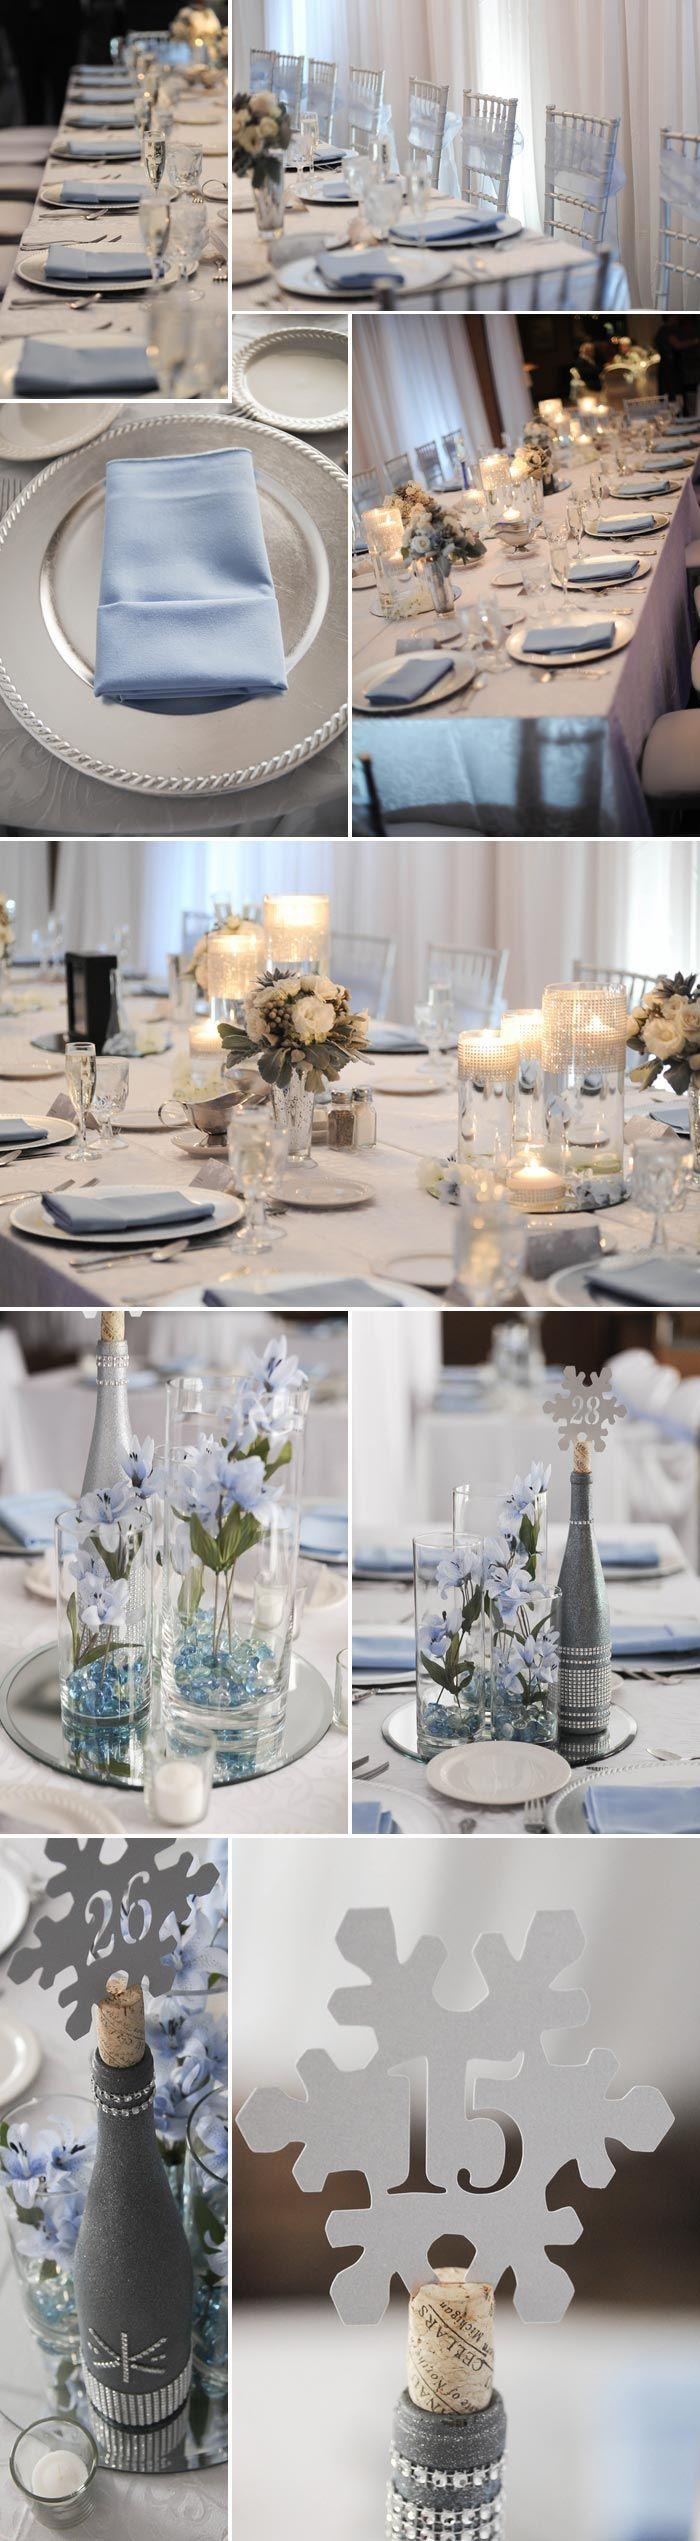 Hochzeit im Februar mit toller Tischdeko in Silber und Hellblau. Bilder: © JDHowell Photography